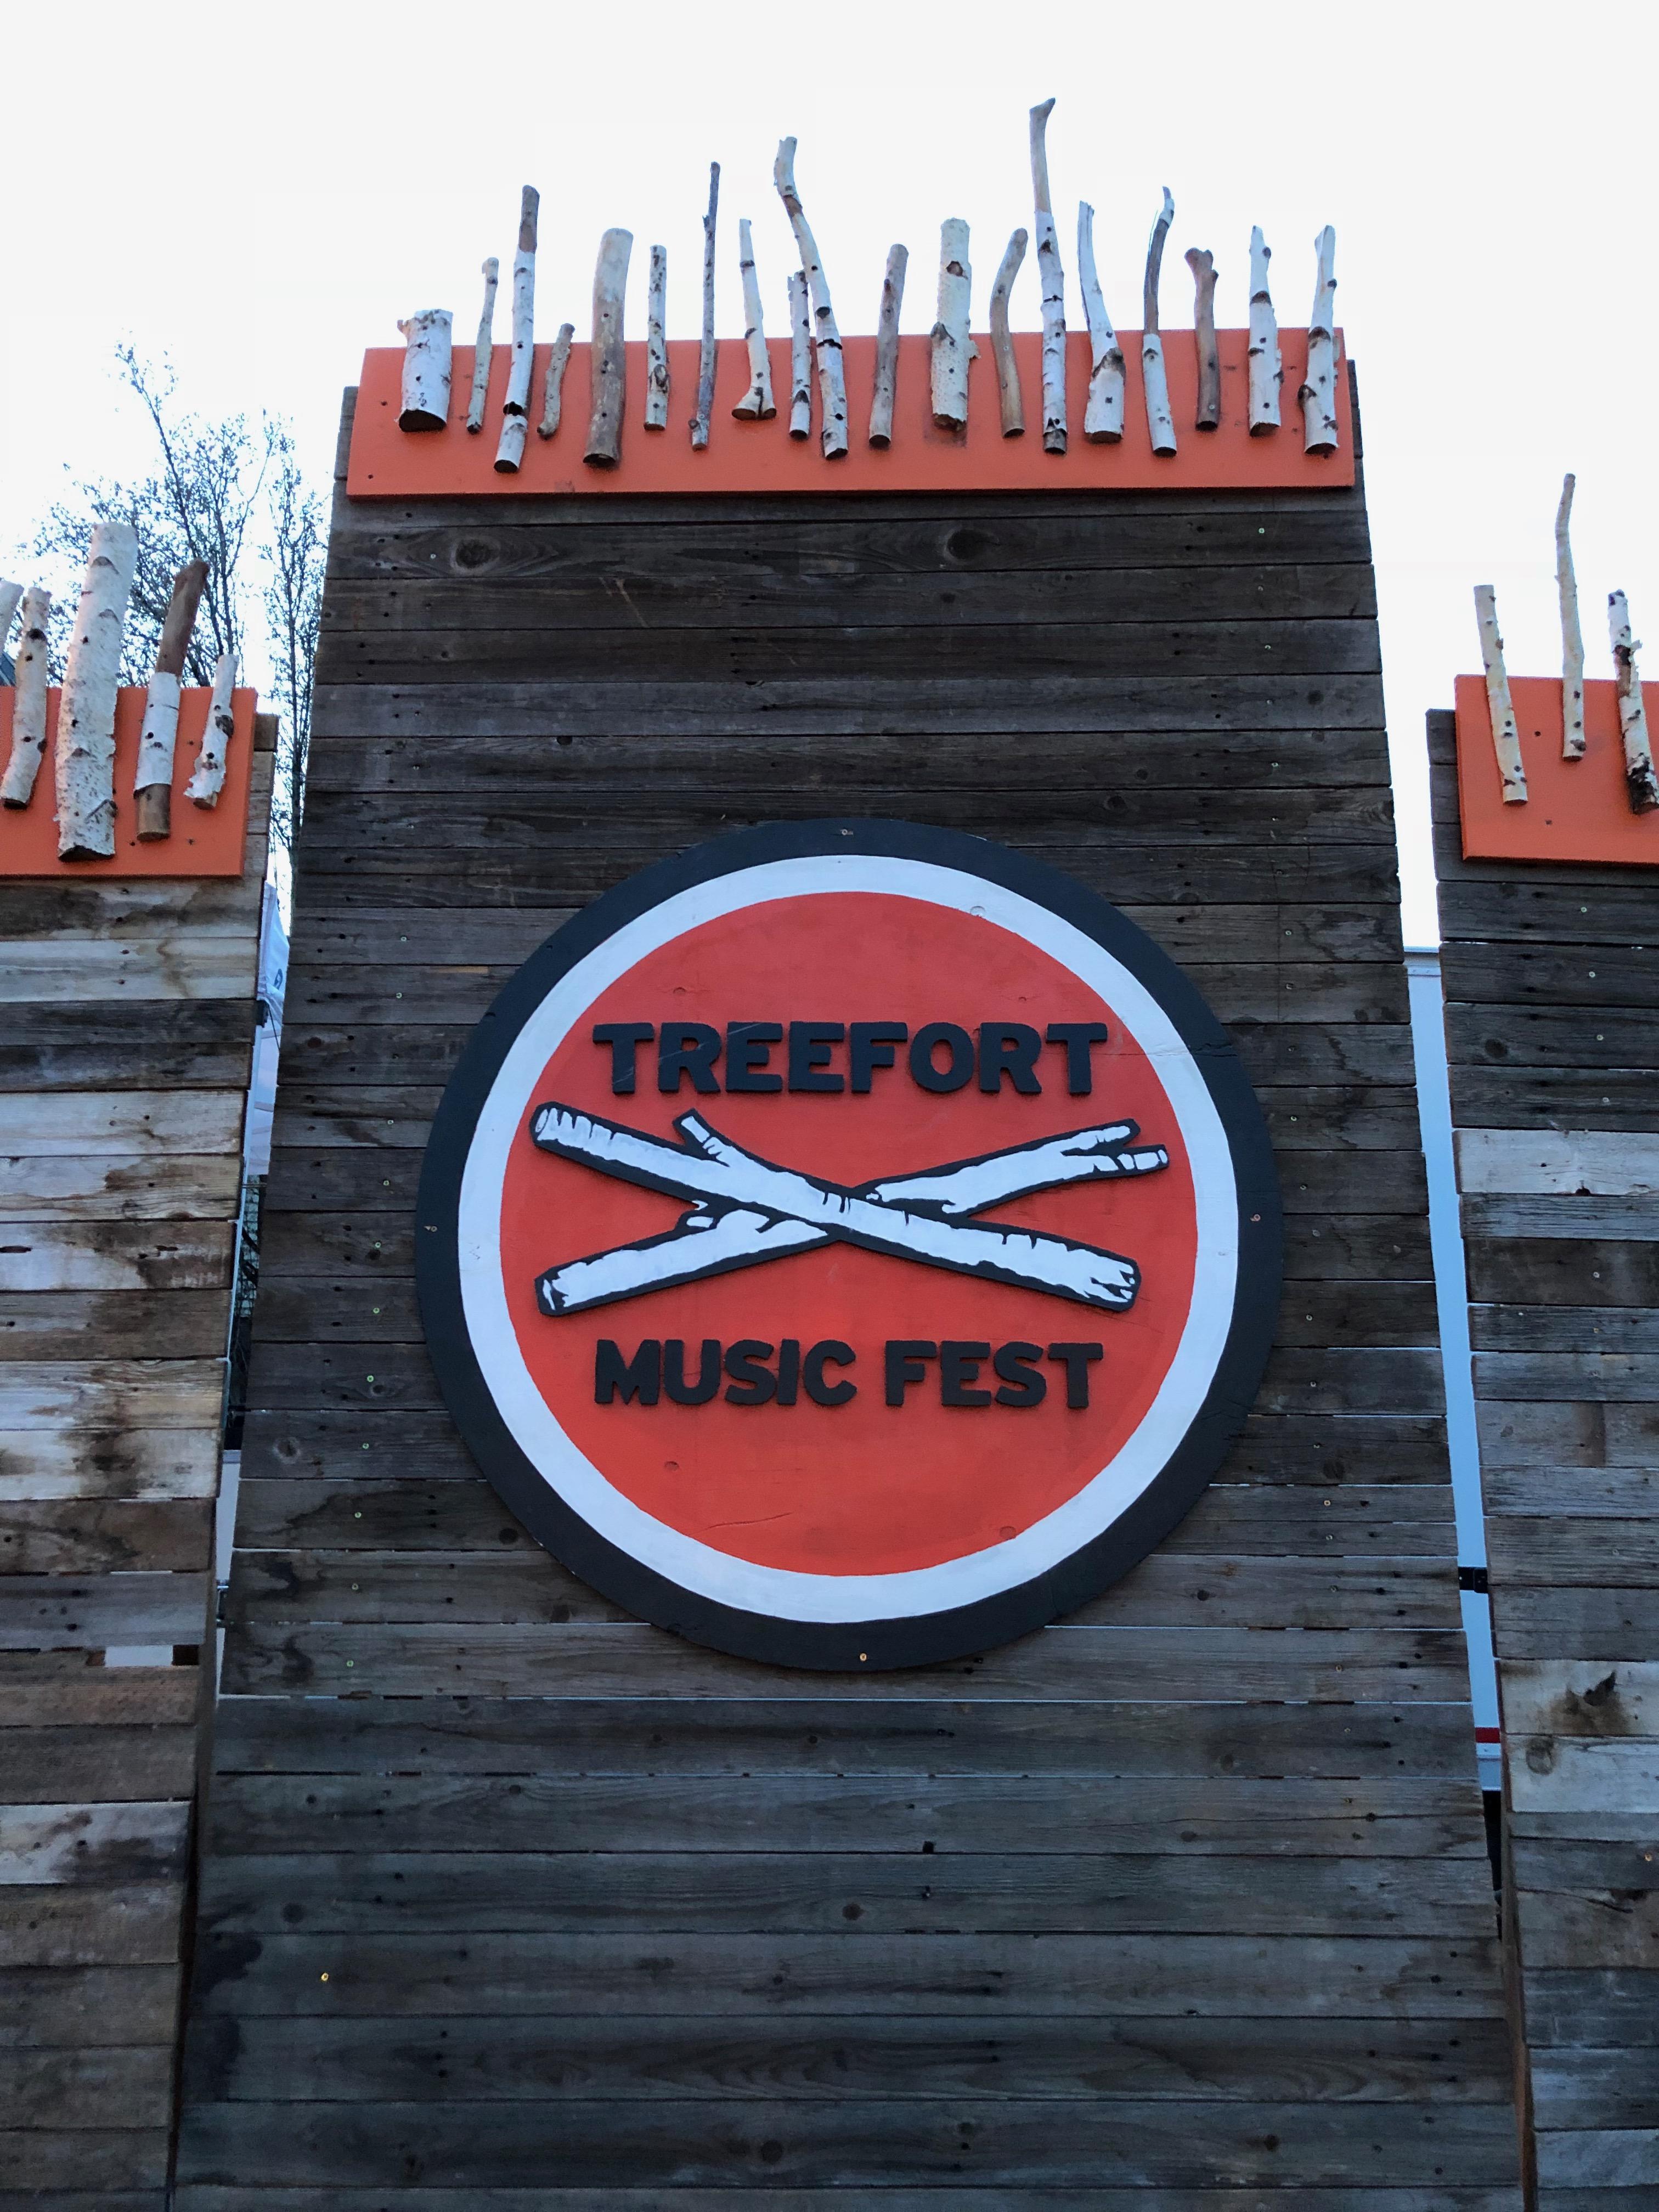 Treefort Music Fest is true gem for Boise, Idaho.